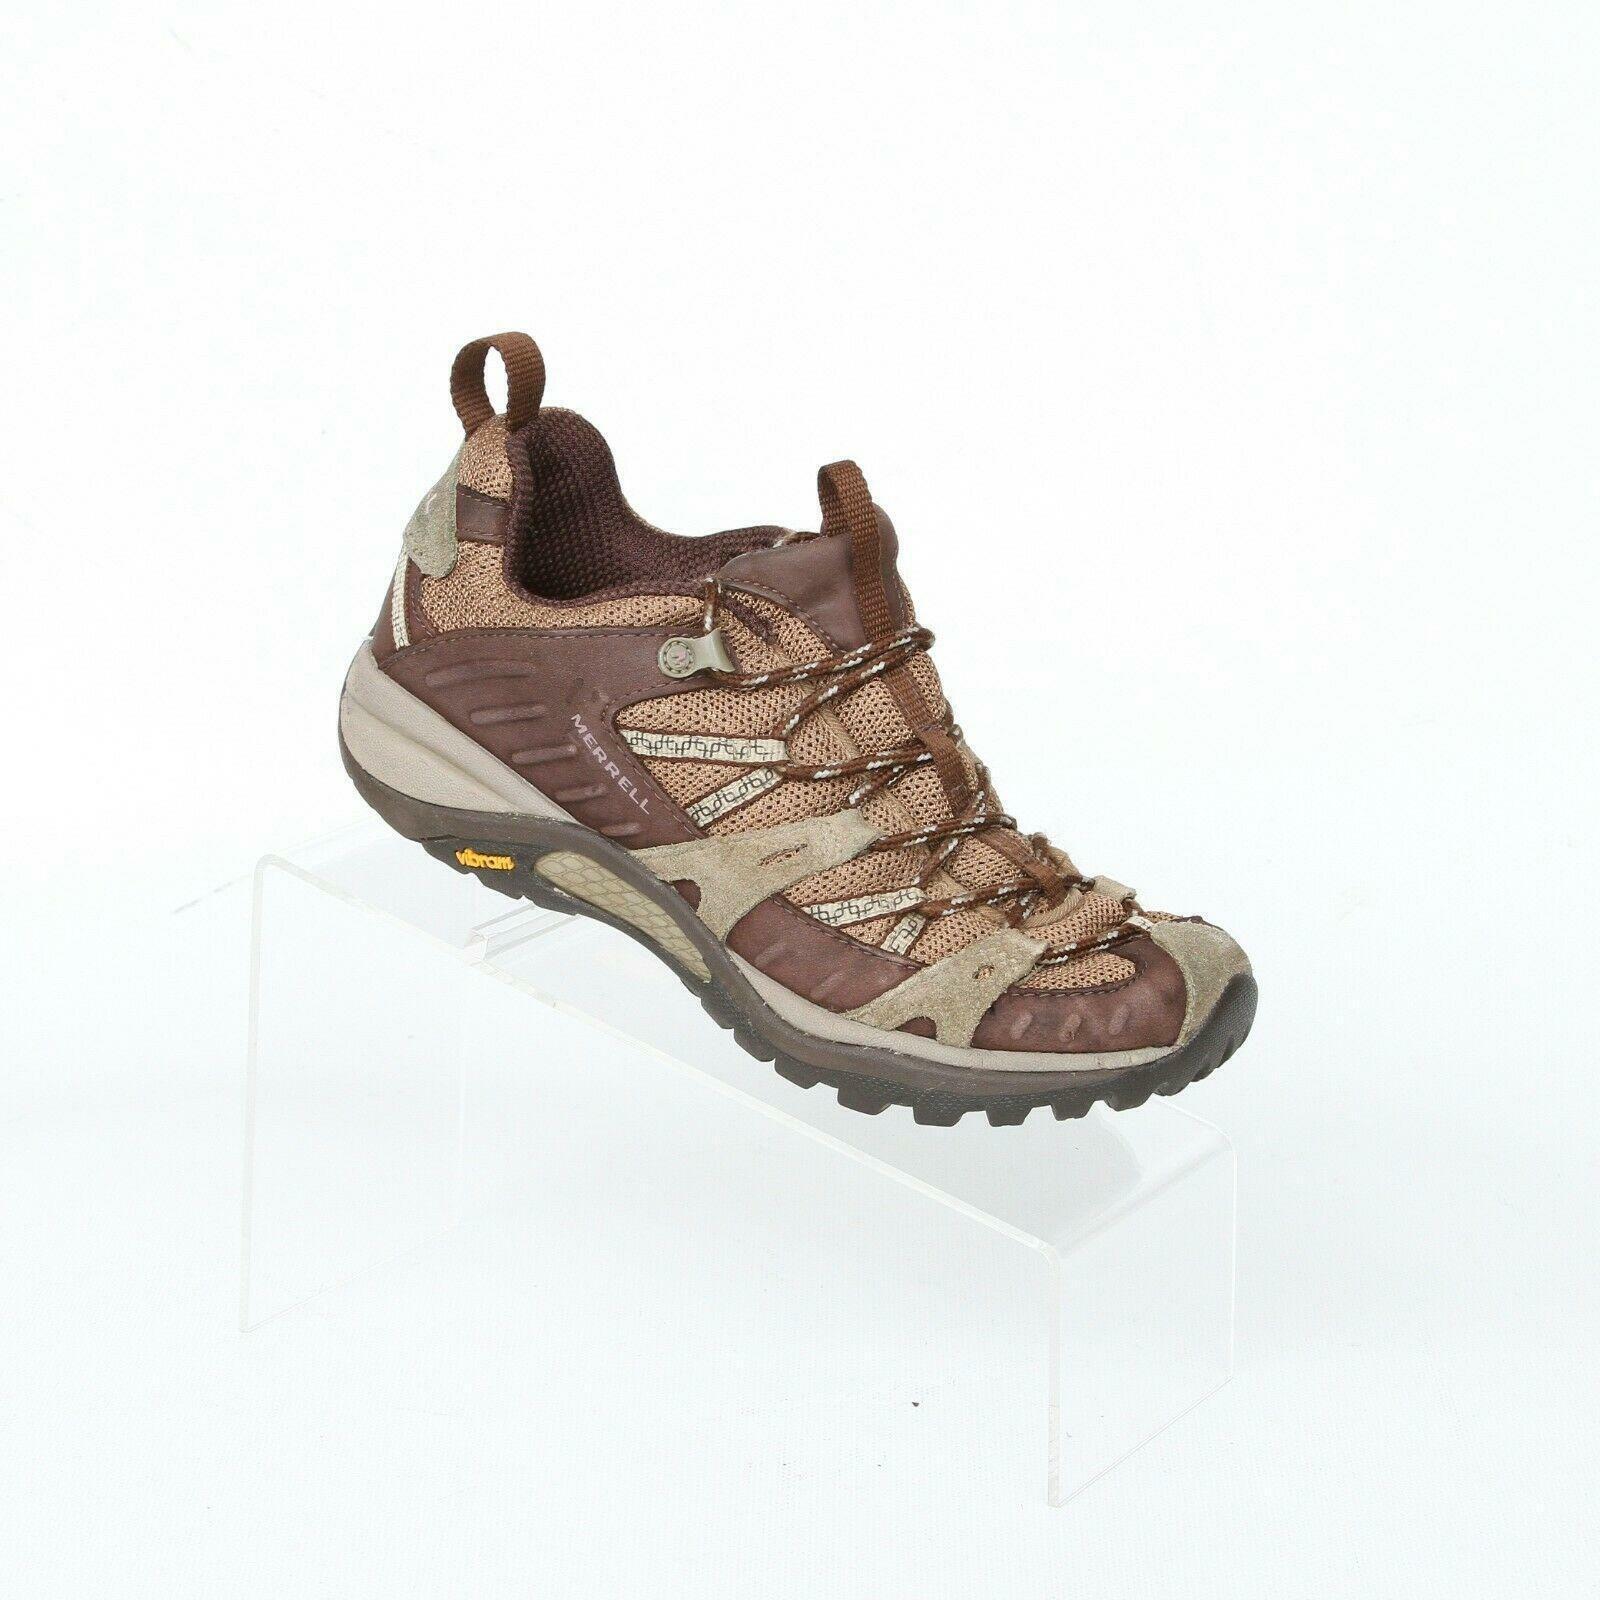 Merrell Siren Sport Espresso en daim marron maille Extérieur Chaussures De Randonnée Femme 6.5